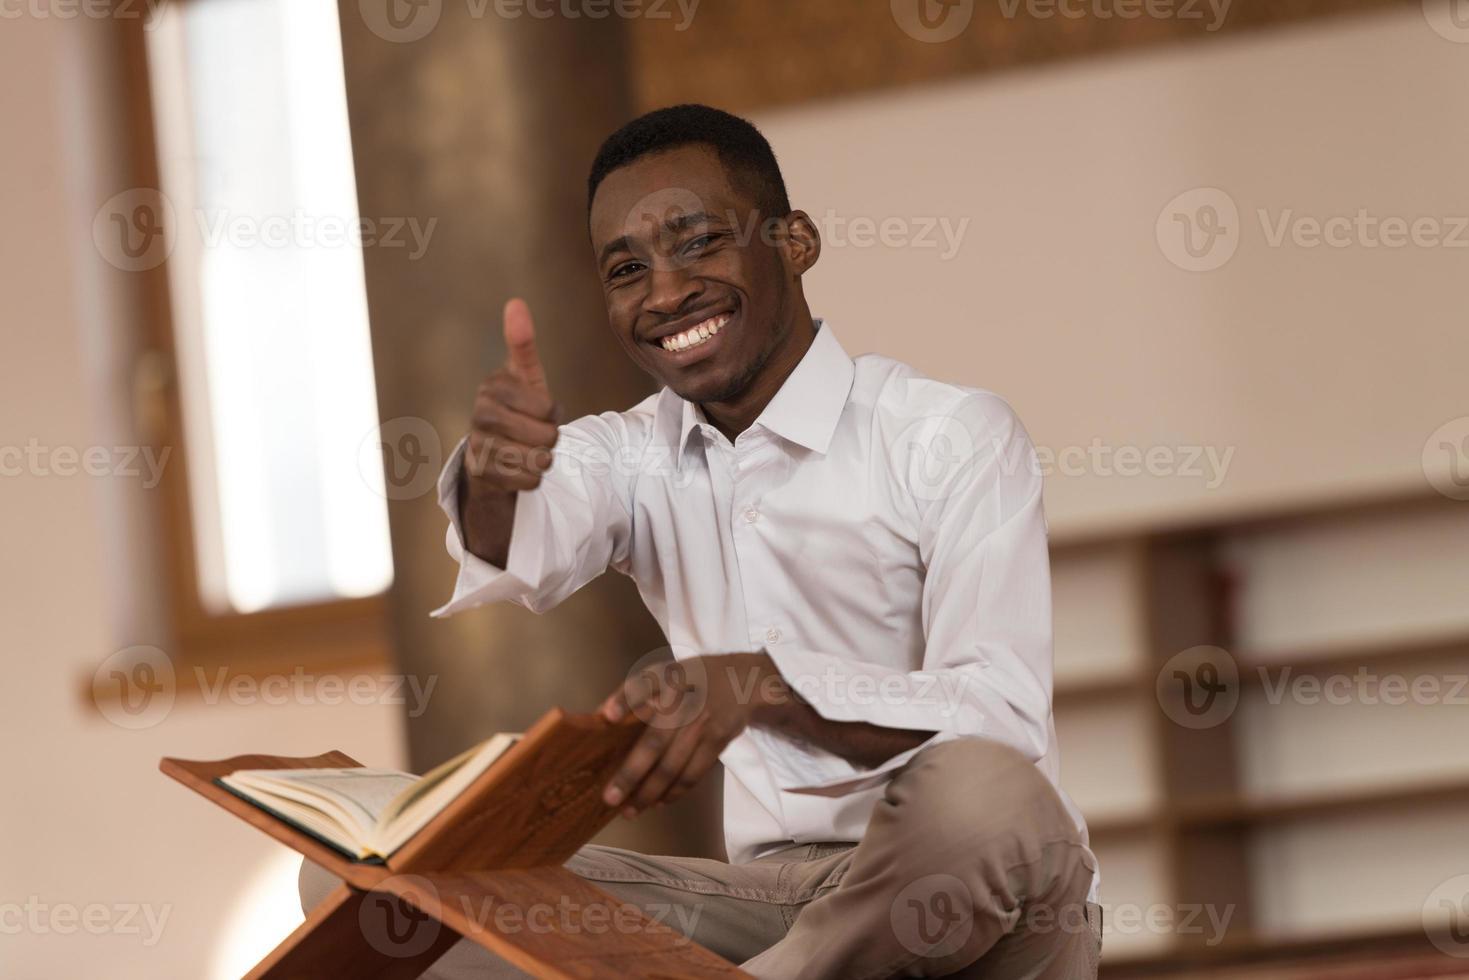 Schwarzafrikanischer muslimischer Mann, der Daumen oben zeigt foto